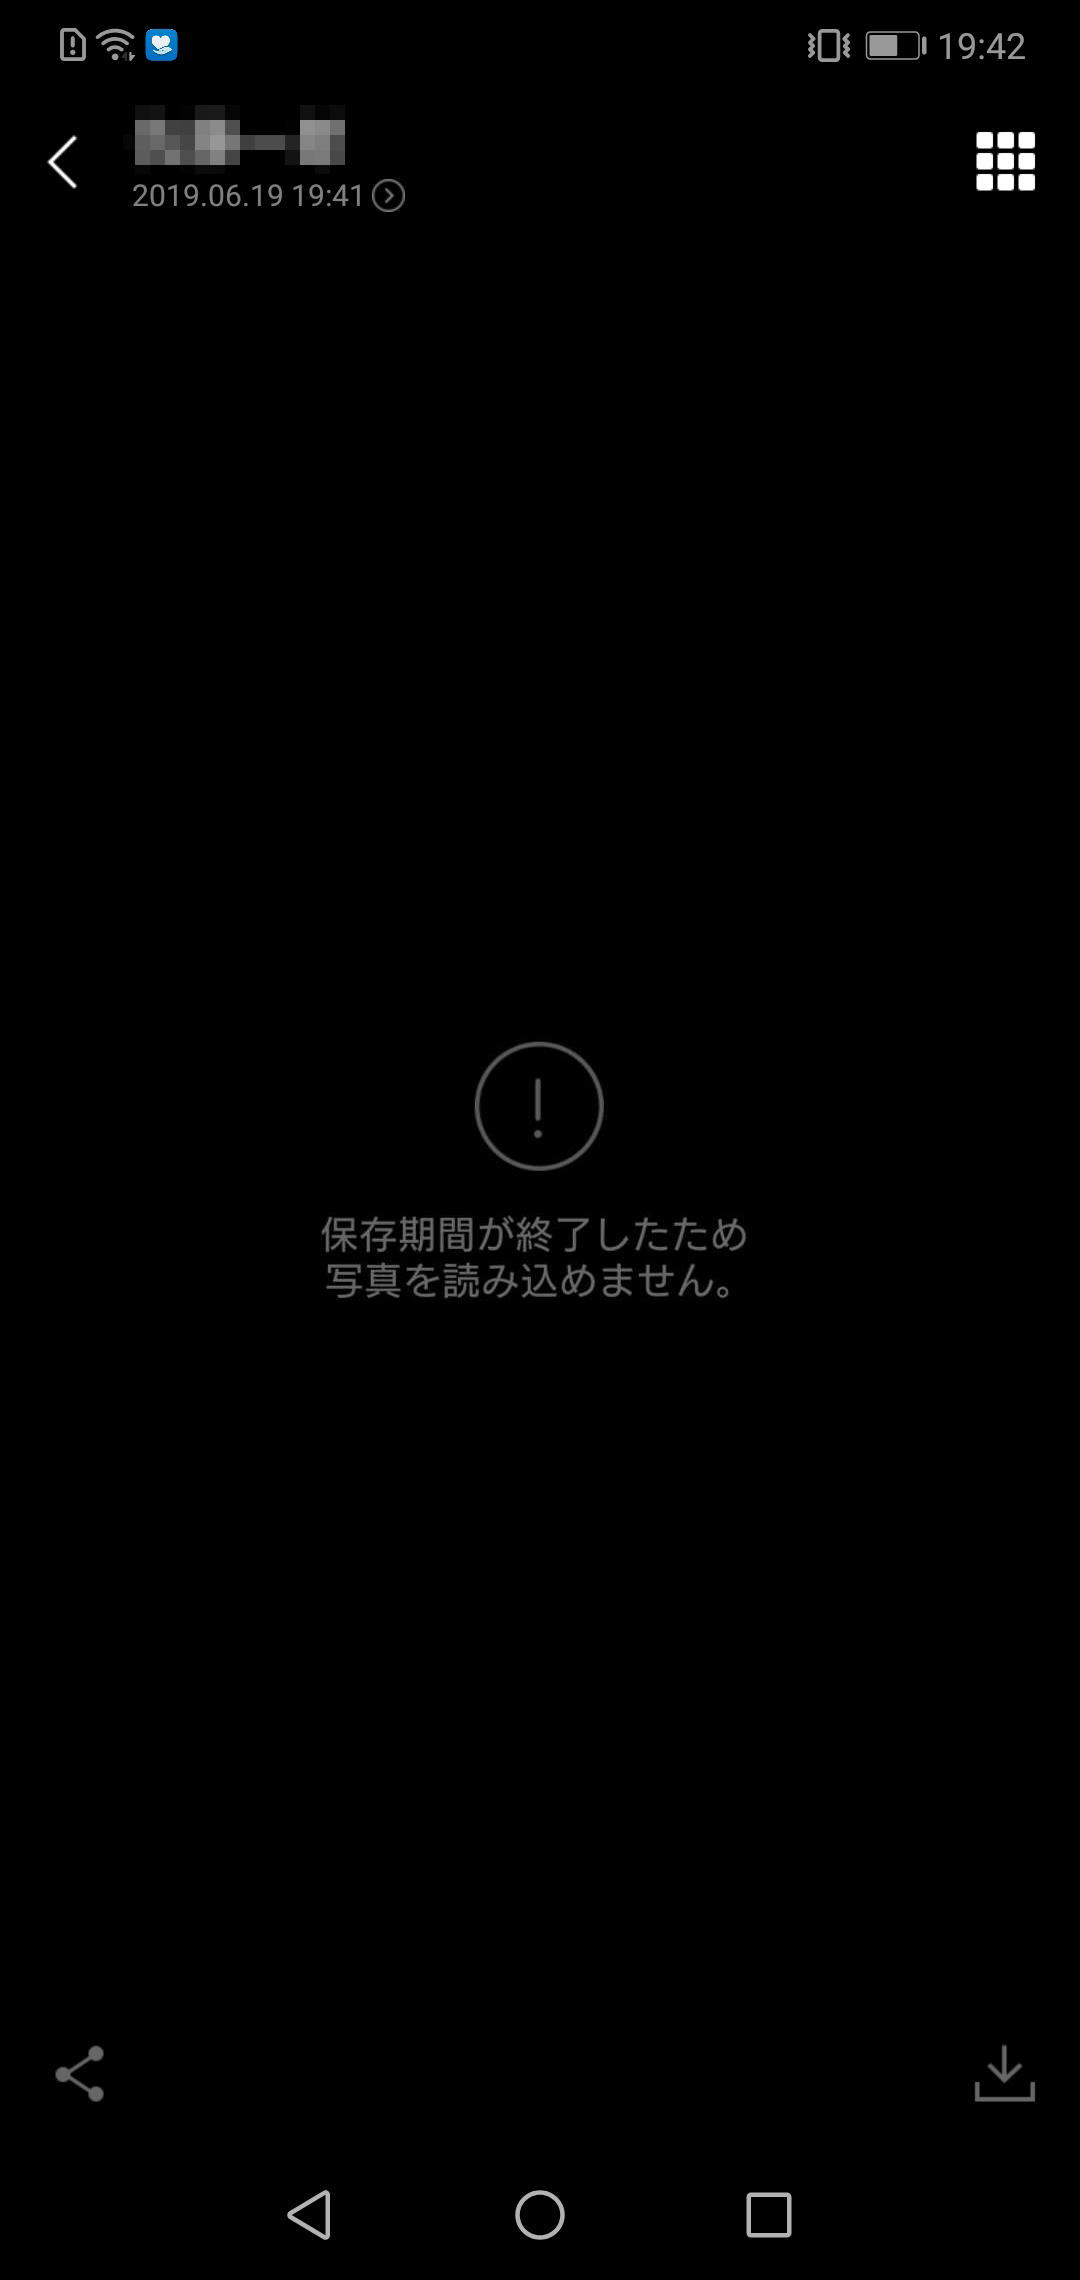 Line ライン で受信した写真 画像 の保存ができない Jcomサポート